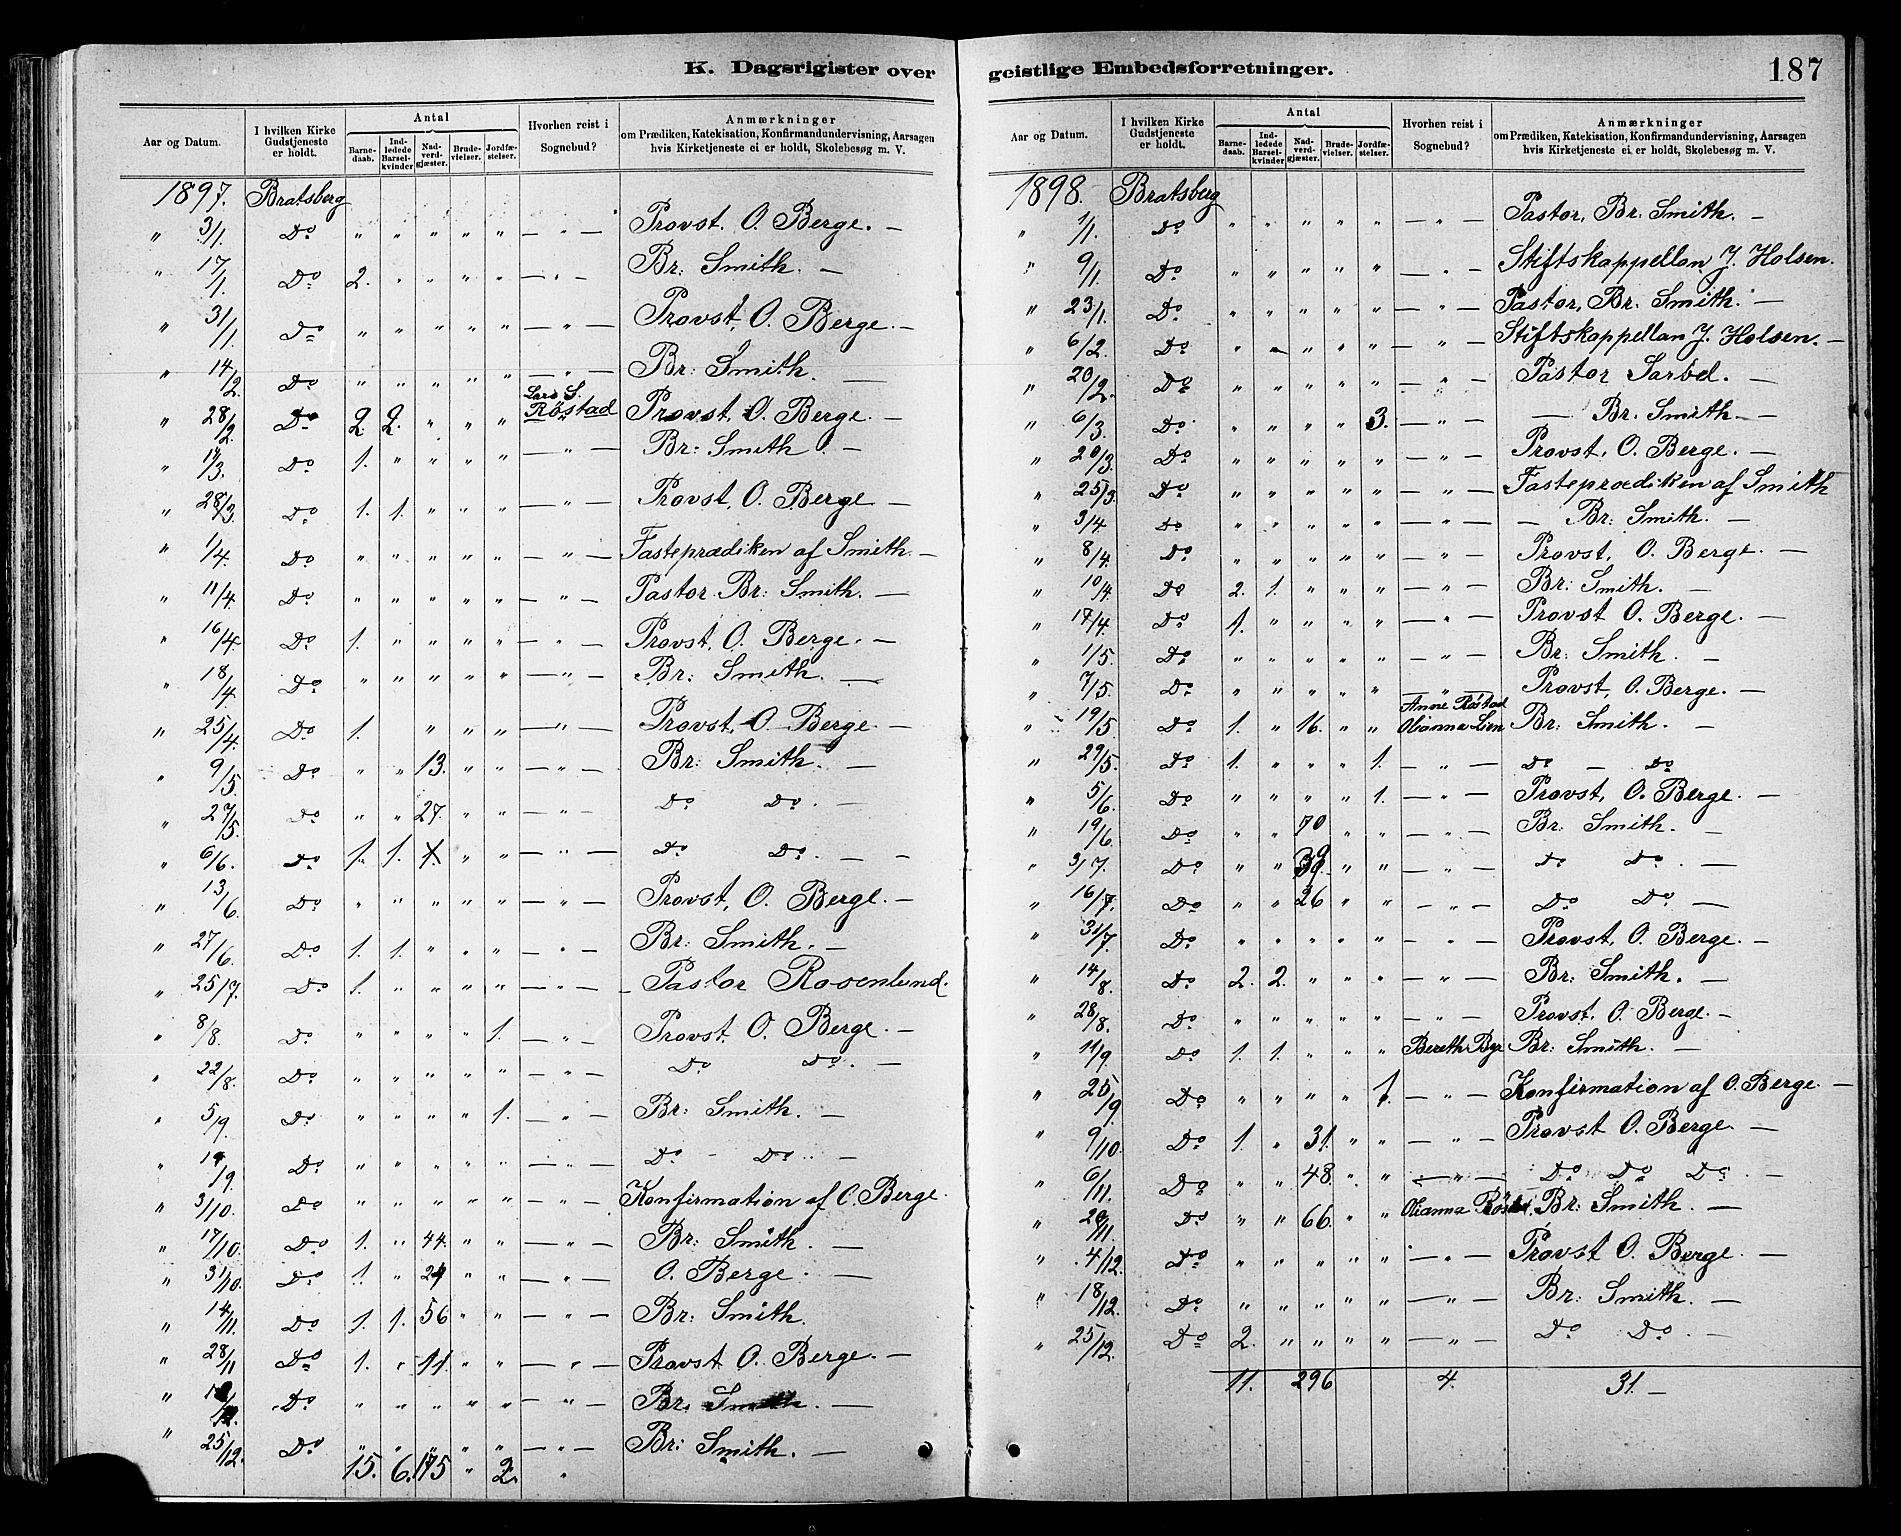 SAT, Ministerialprotokoller, klokkerbøker og fødselsregistre - Sør-Trøndelag, 608/L0341: Klokkerbok nr. 608C07, 1890-1912, s. 187